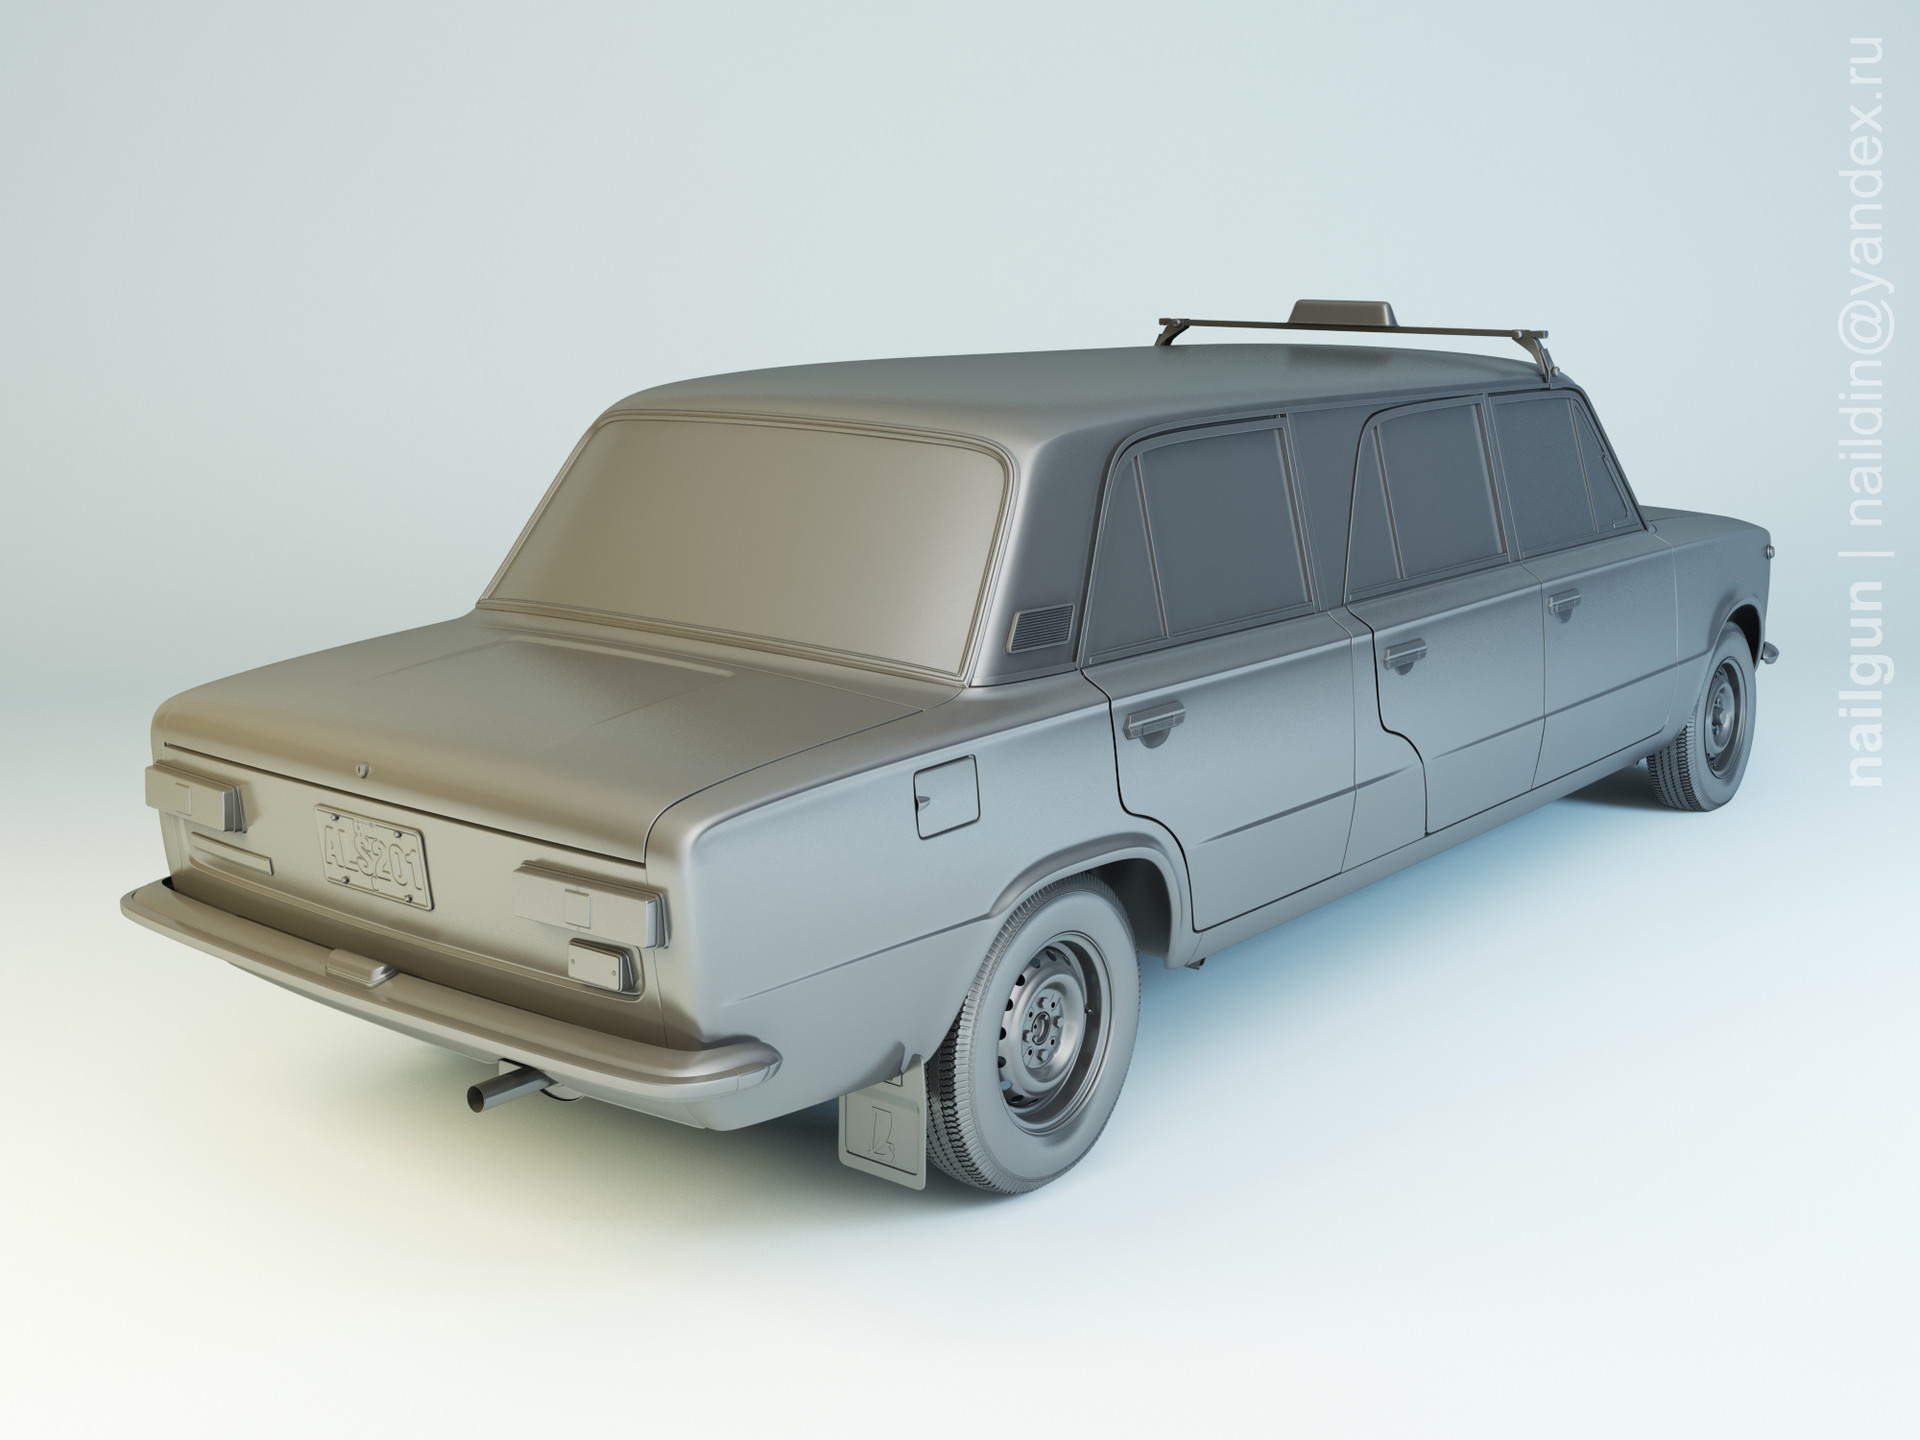 Nail khusnutdinov als 201 001 vaz 21011 limousine modelling 1